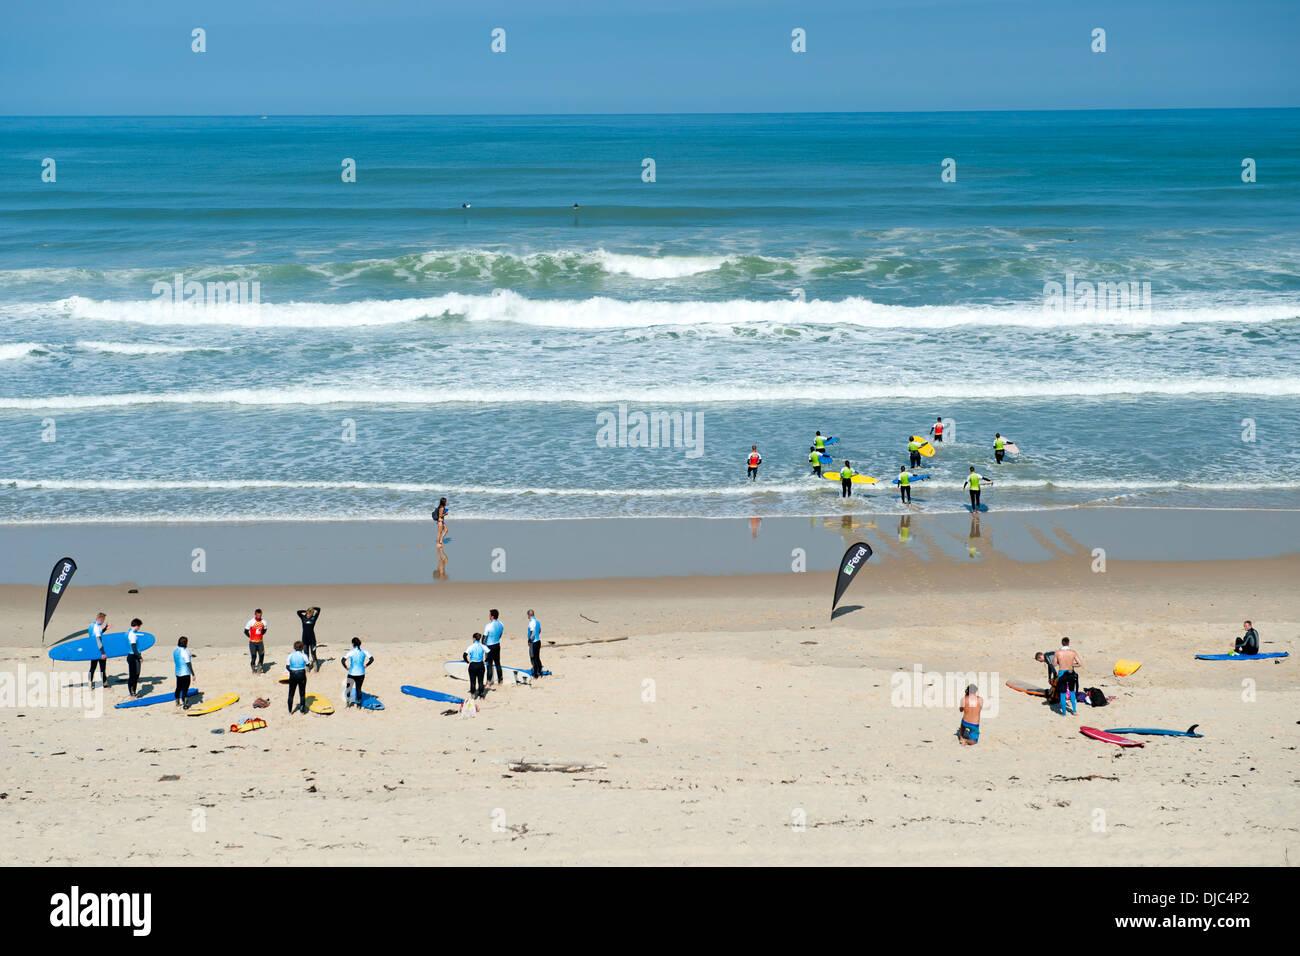 Les surfeurs prendre des leçons sur le Pin Sec plage dans le département de la région Aquitaine dans le sud-ouest de la France. Photo Stock